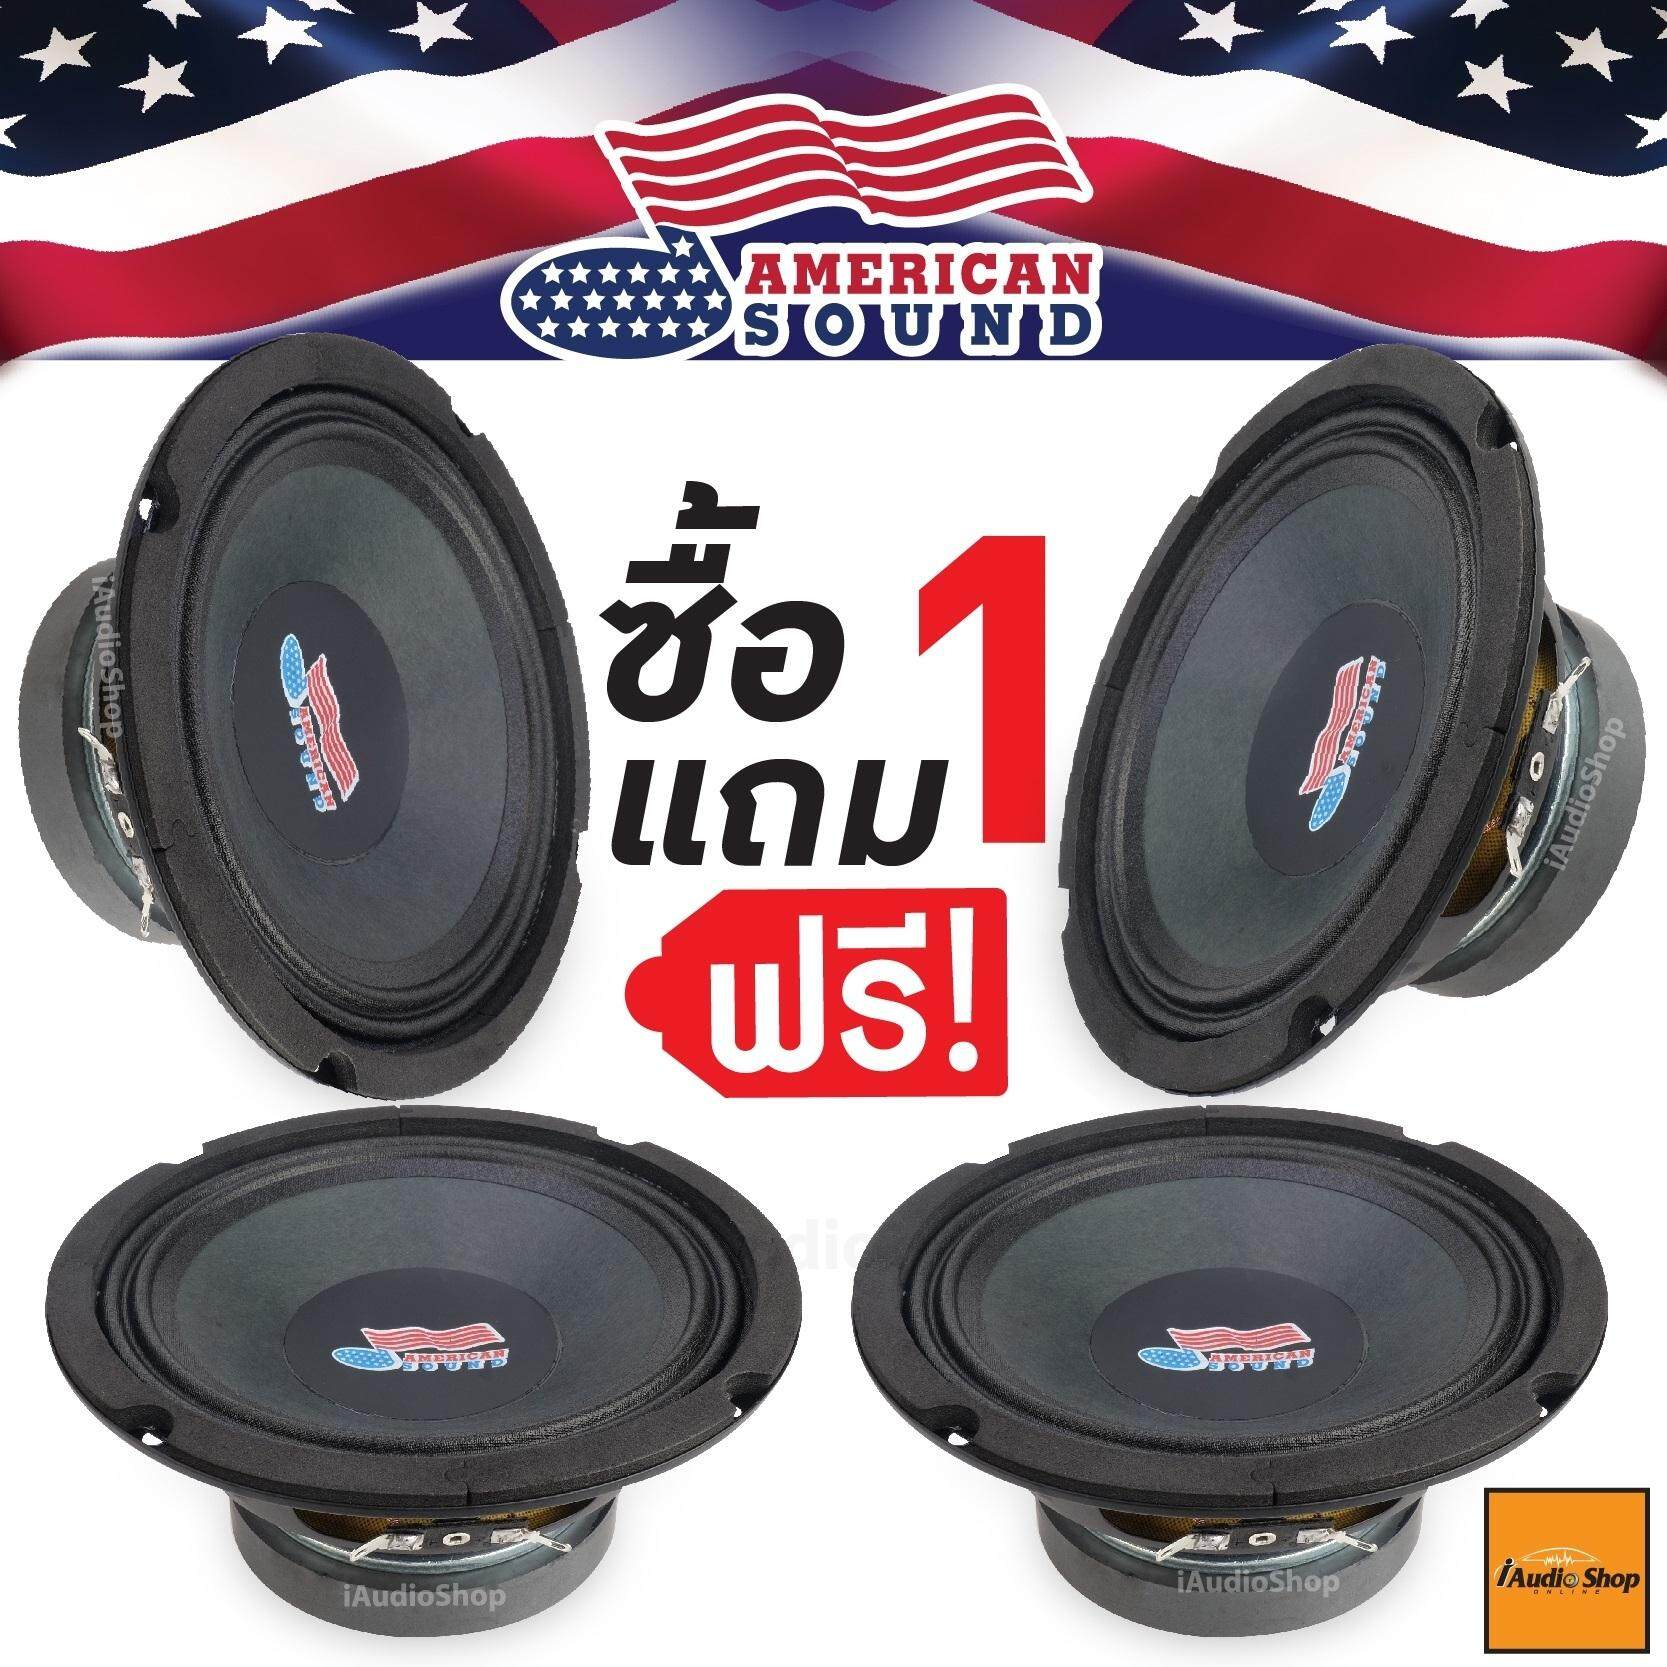 ขาย American Sound ซื้อ1แถม1 ลำโพง ลำโพงเสียงกลาง ขนาด6 5นิ้ว Ams 660Lmtจำนวน 1คู่ แถมฟรี ลำโพงเสียงกลาง Ams 660Lmt เพิ่มอีก 1คู่ เป็นต้นฉบับ